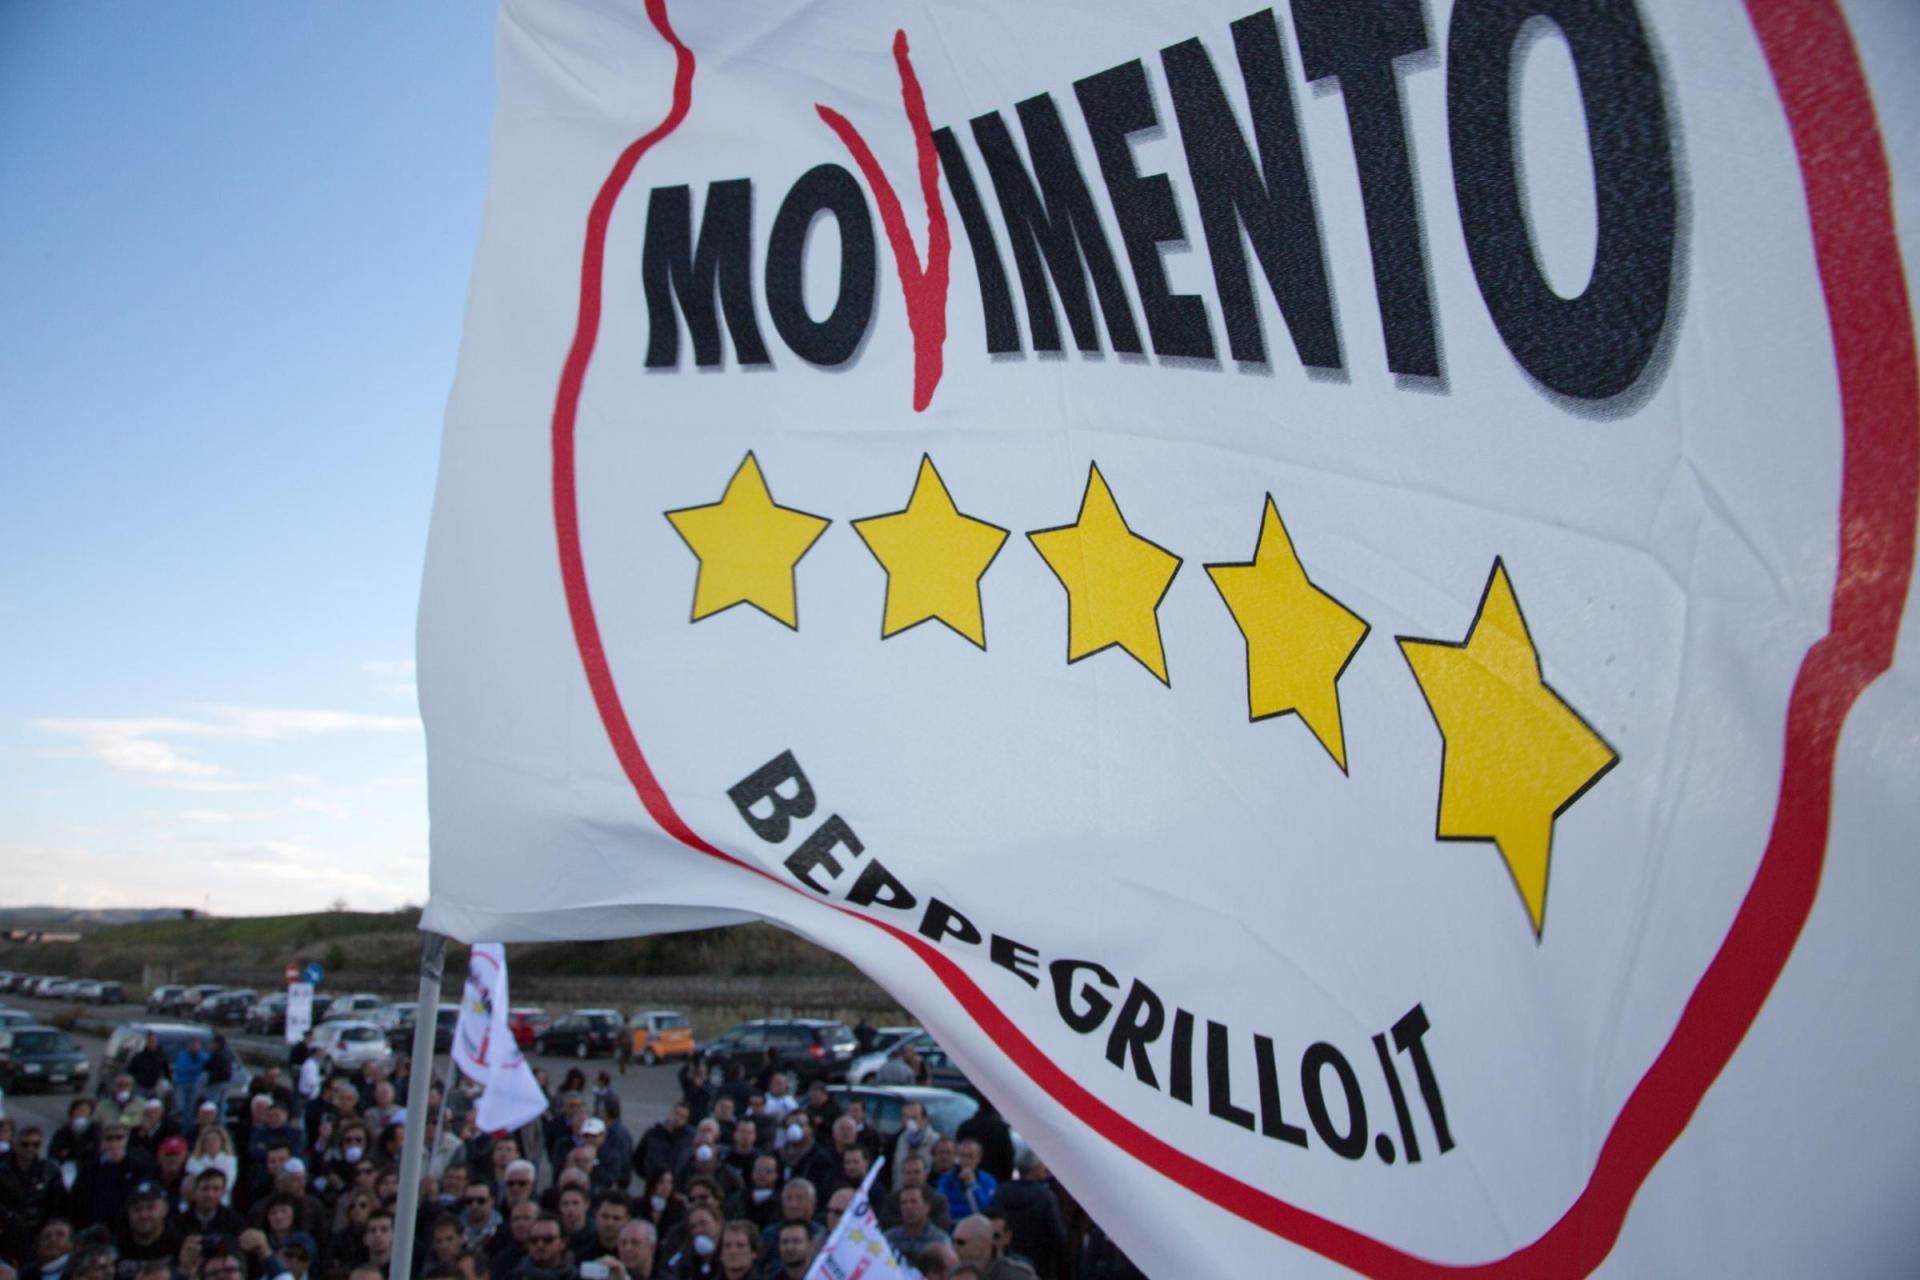 Il paradosso del movimento 5 stelle trilogia dell orrore for Deputati movimento 5 stelle